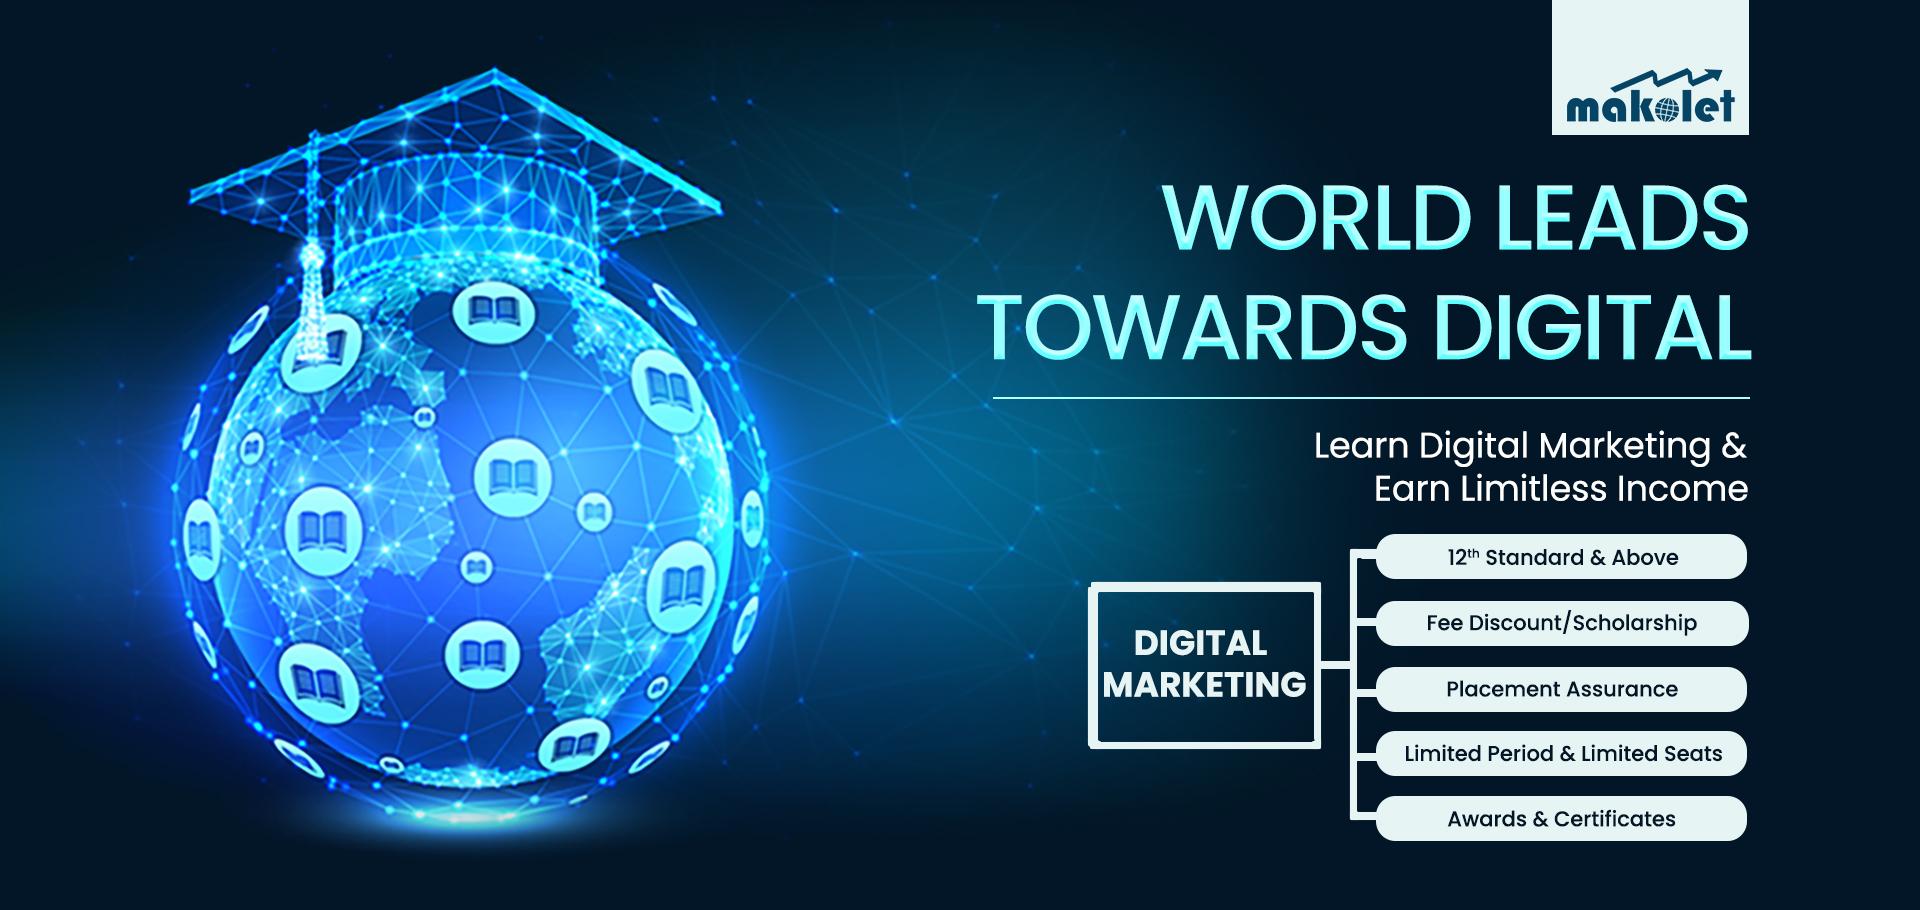 learn digi marketing